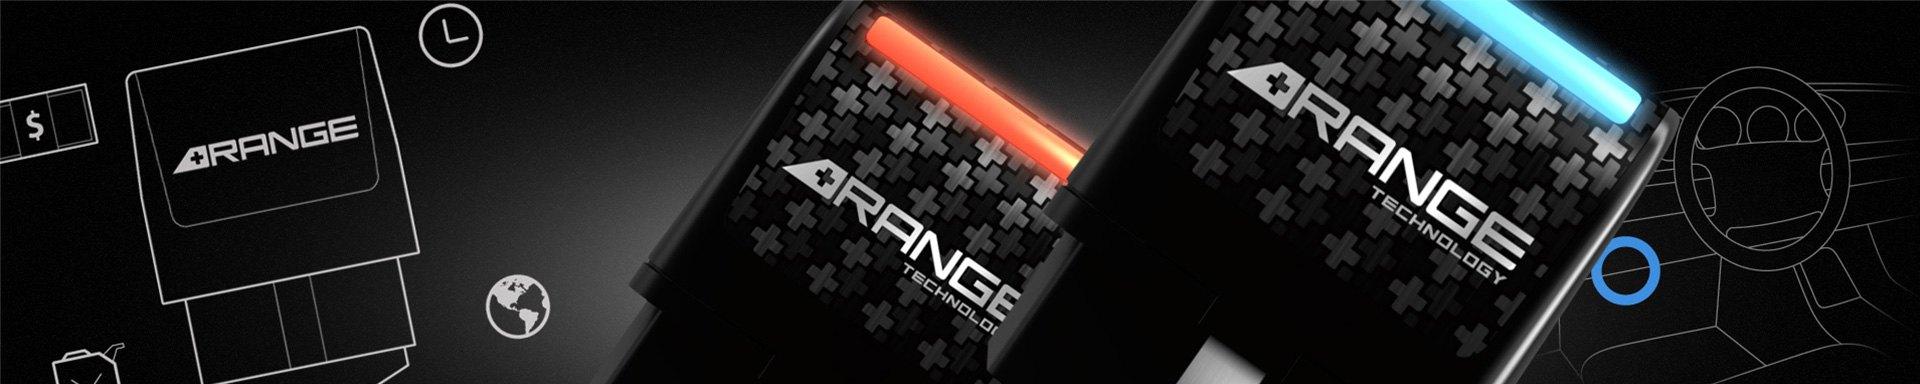 Range Technology RA002 Range Technology V4 PLUS Fuel Economy Device